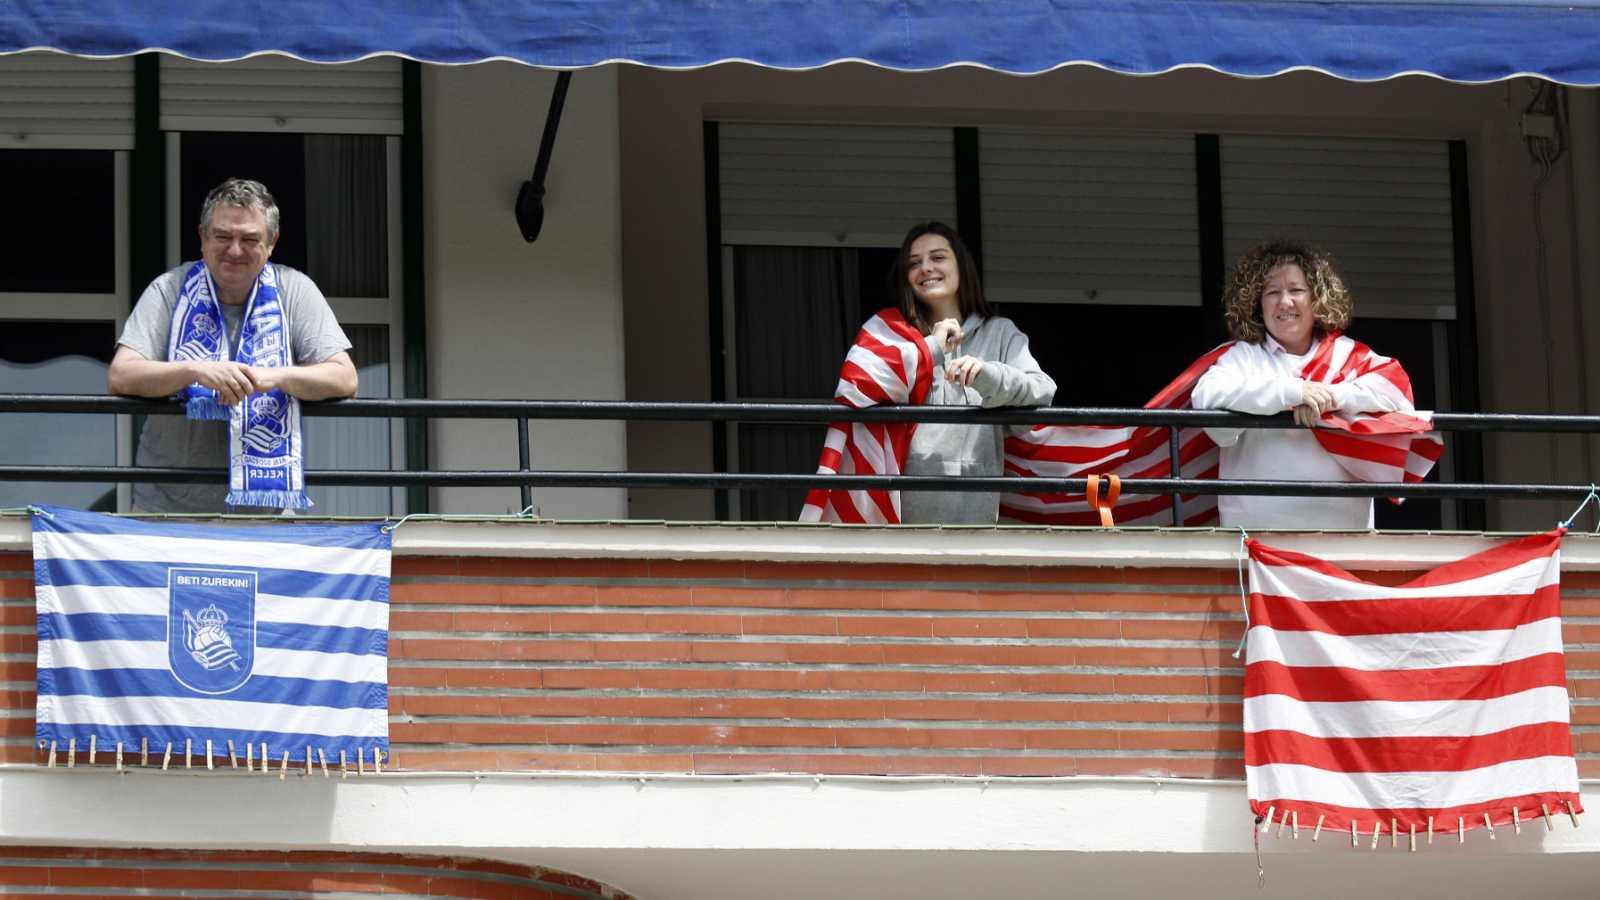 La final de Copa del Rey se juega en los balcones vascos mientras se desconoce aún la fecha para disputarla